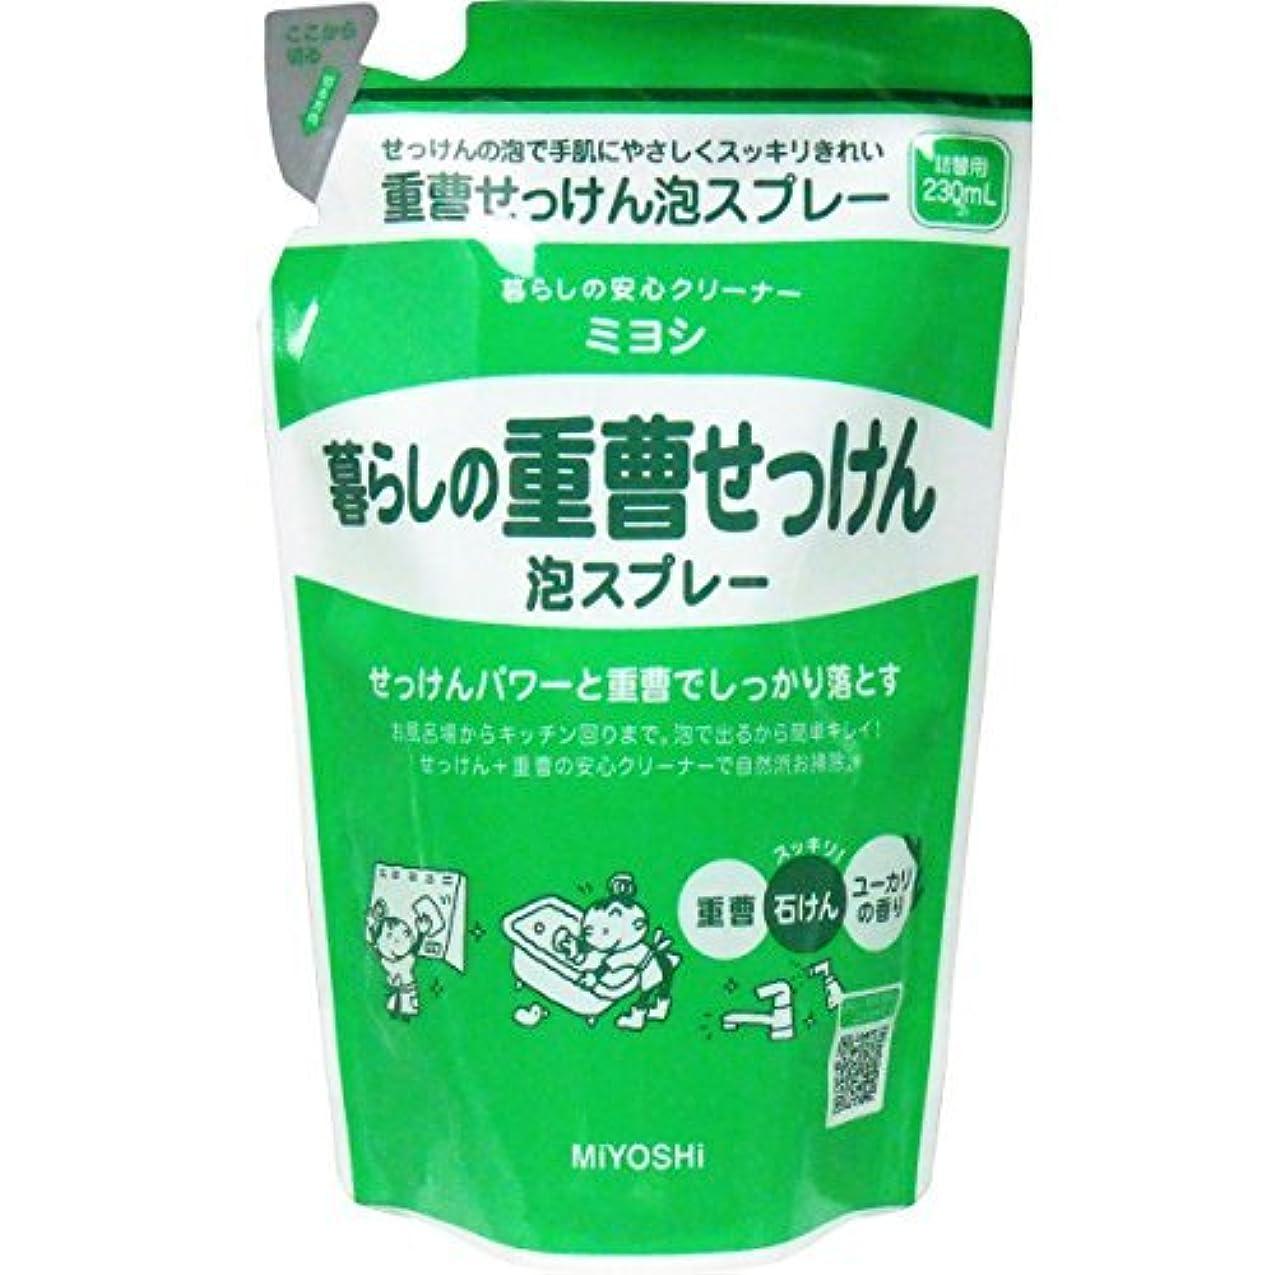 湿度キャッシュ最近【まとめ買い】暮らしの重曹せっけん泡スプレー 詰替 230ML ミヨシ石鹸 ×6個